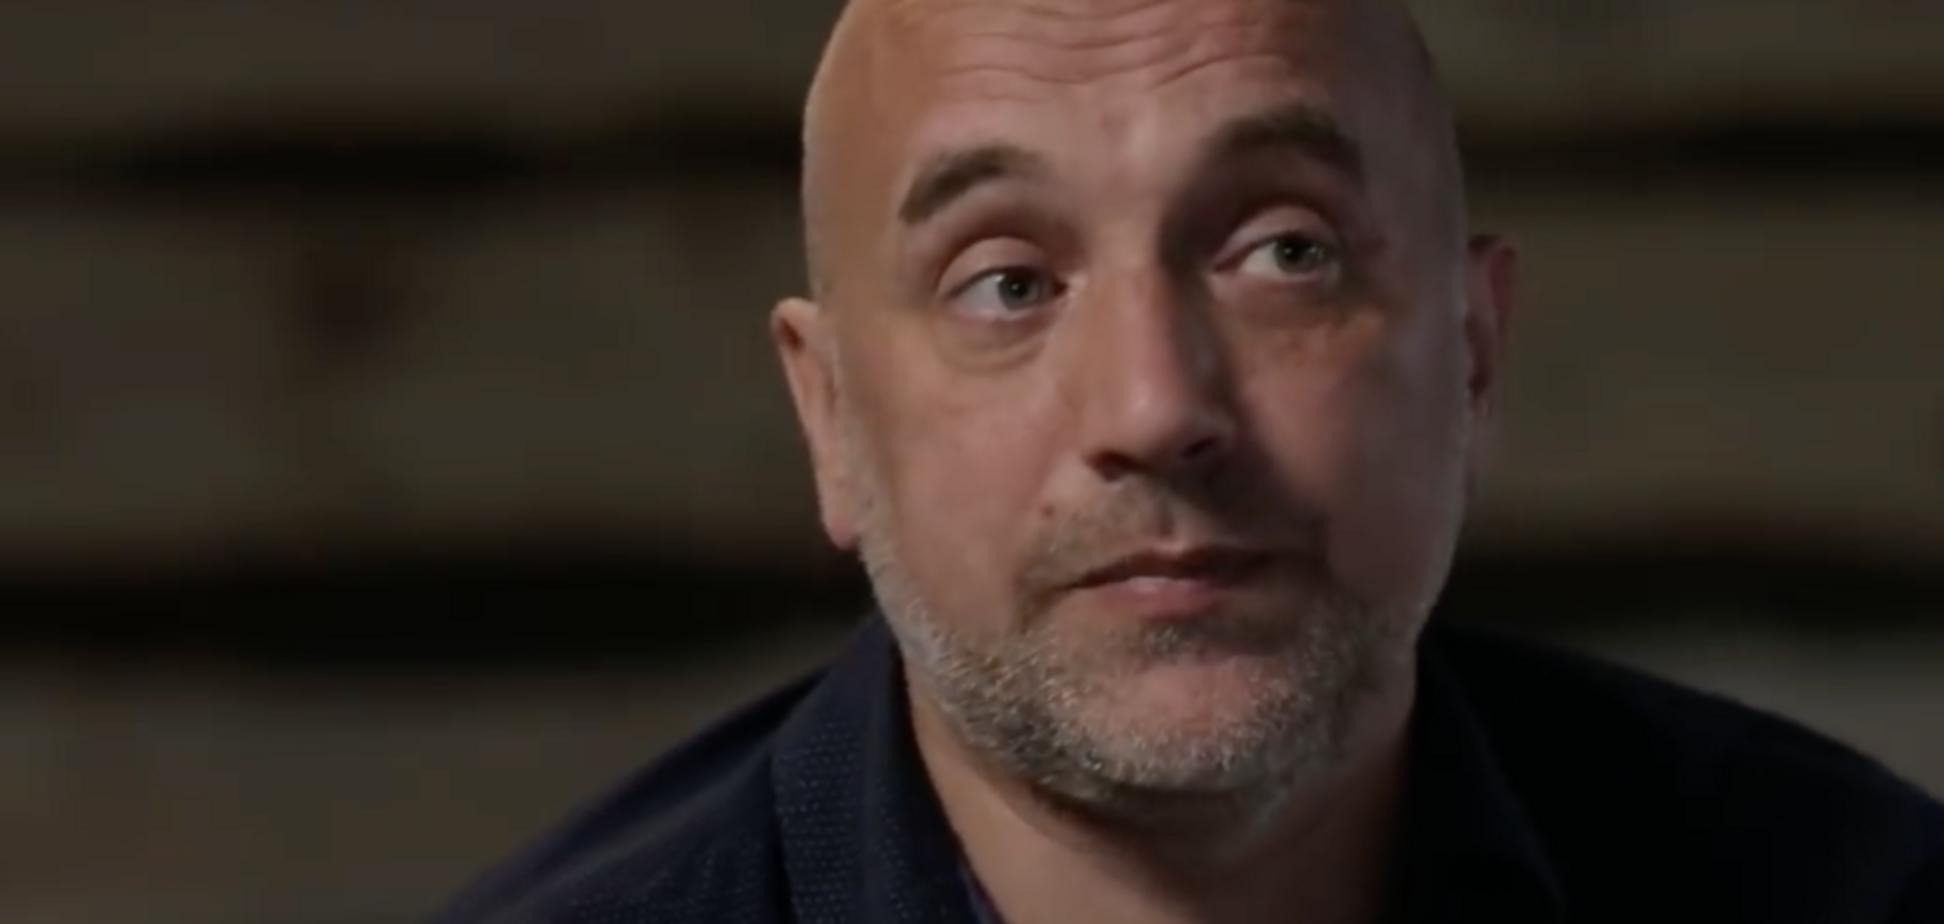 'Звичайно заходили!' Письменник-терорист розбовкав про 'іхтамнетів' на Донбасі